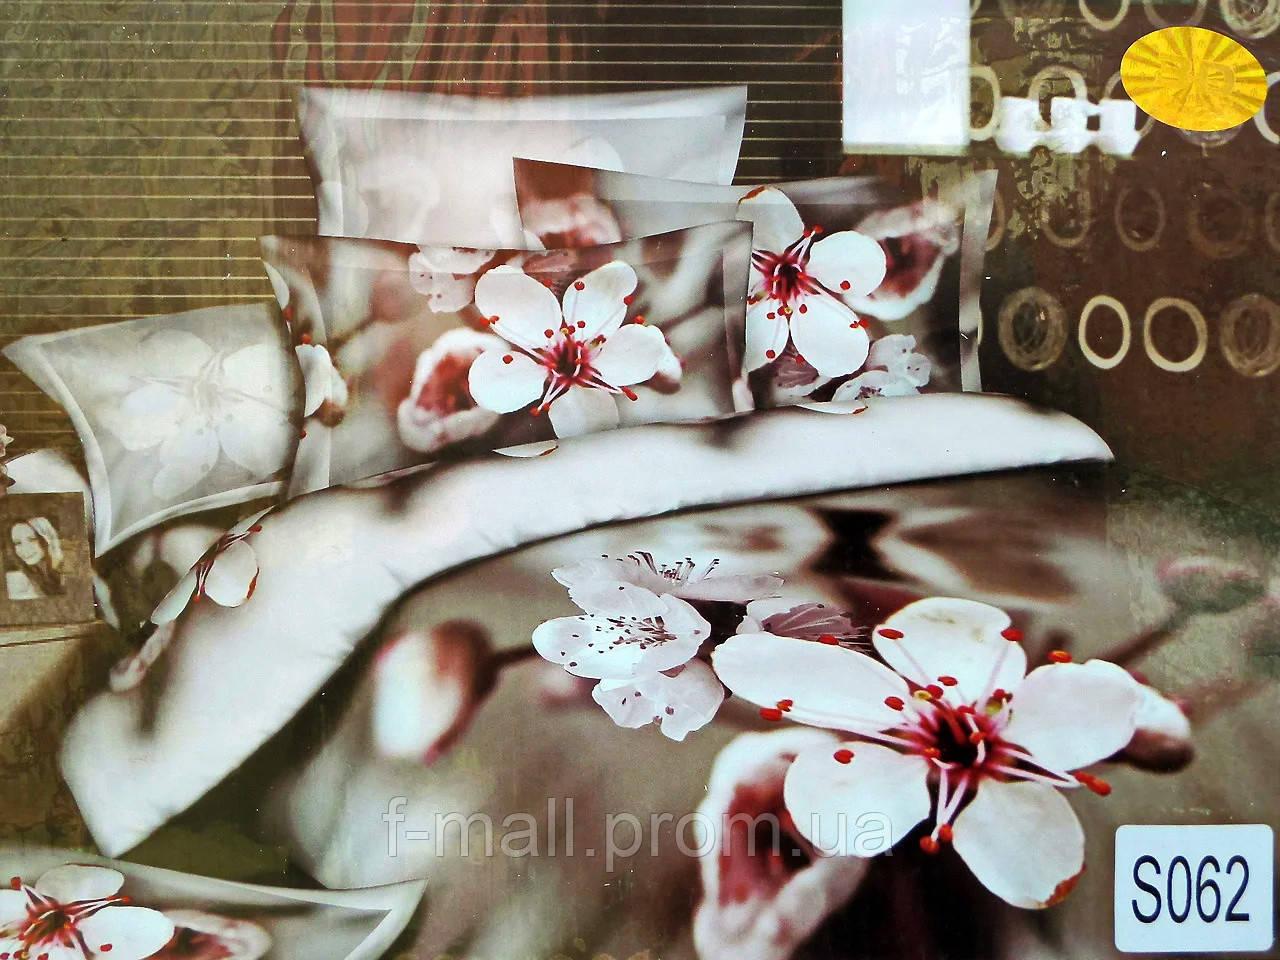 Комплект постельного белья ELWAY (Польша) 3D LUX Сатин Евро Подарочная упаковка (062)